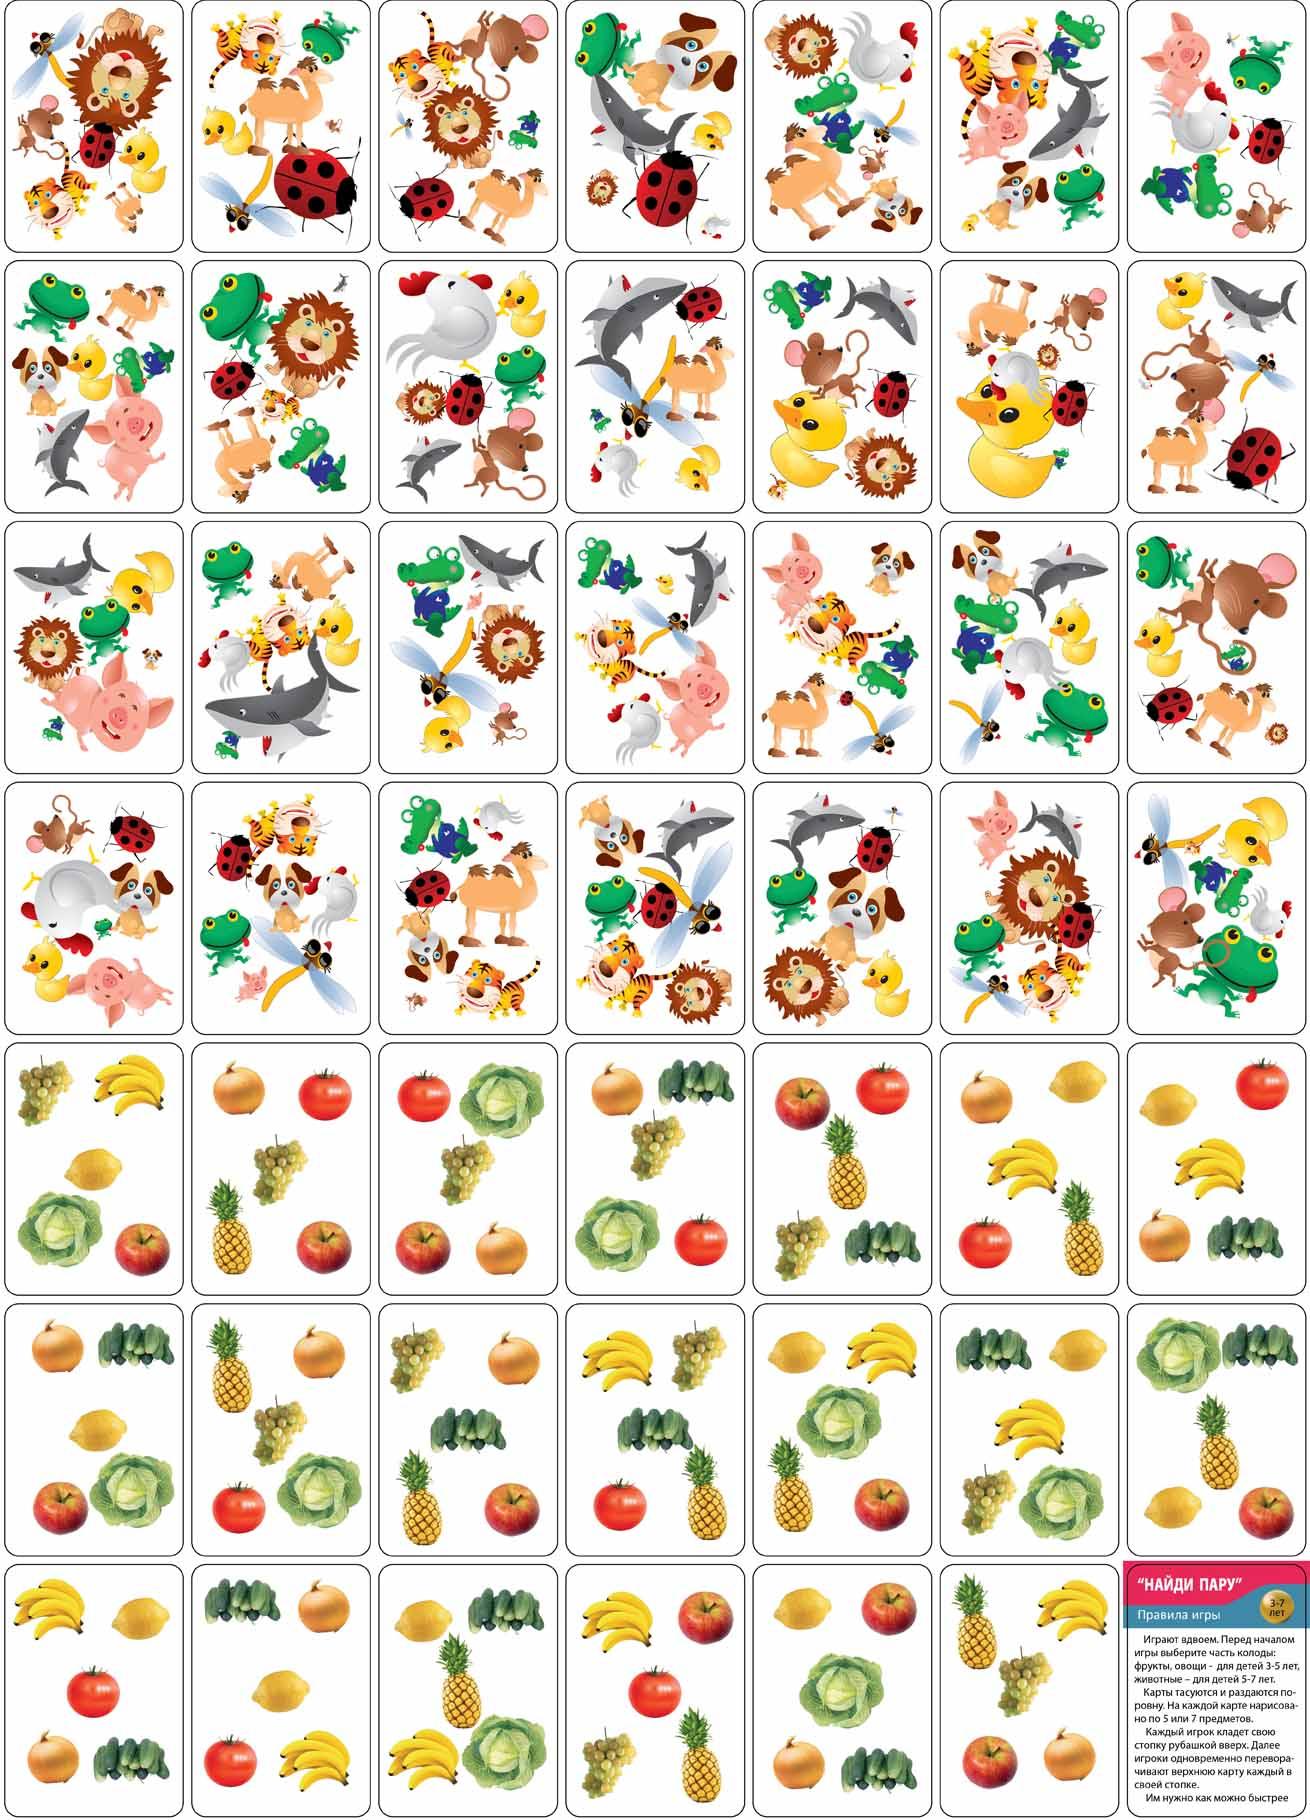 ШПAPГАЛКИ-карточки для умных мам -7- в Калейдоскопе , записавшиеся туда